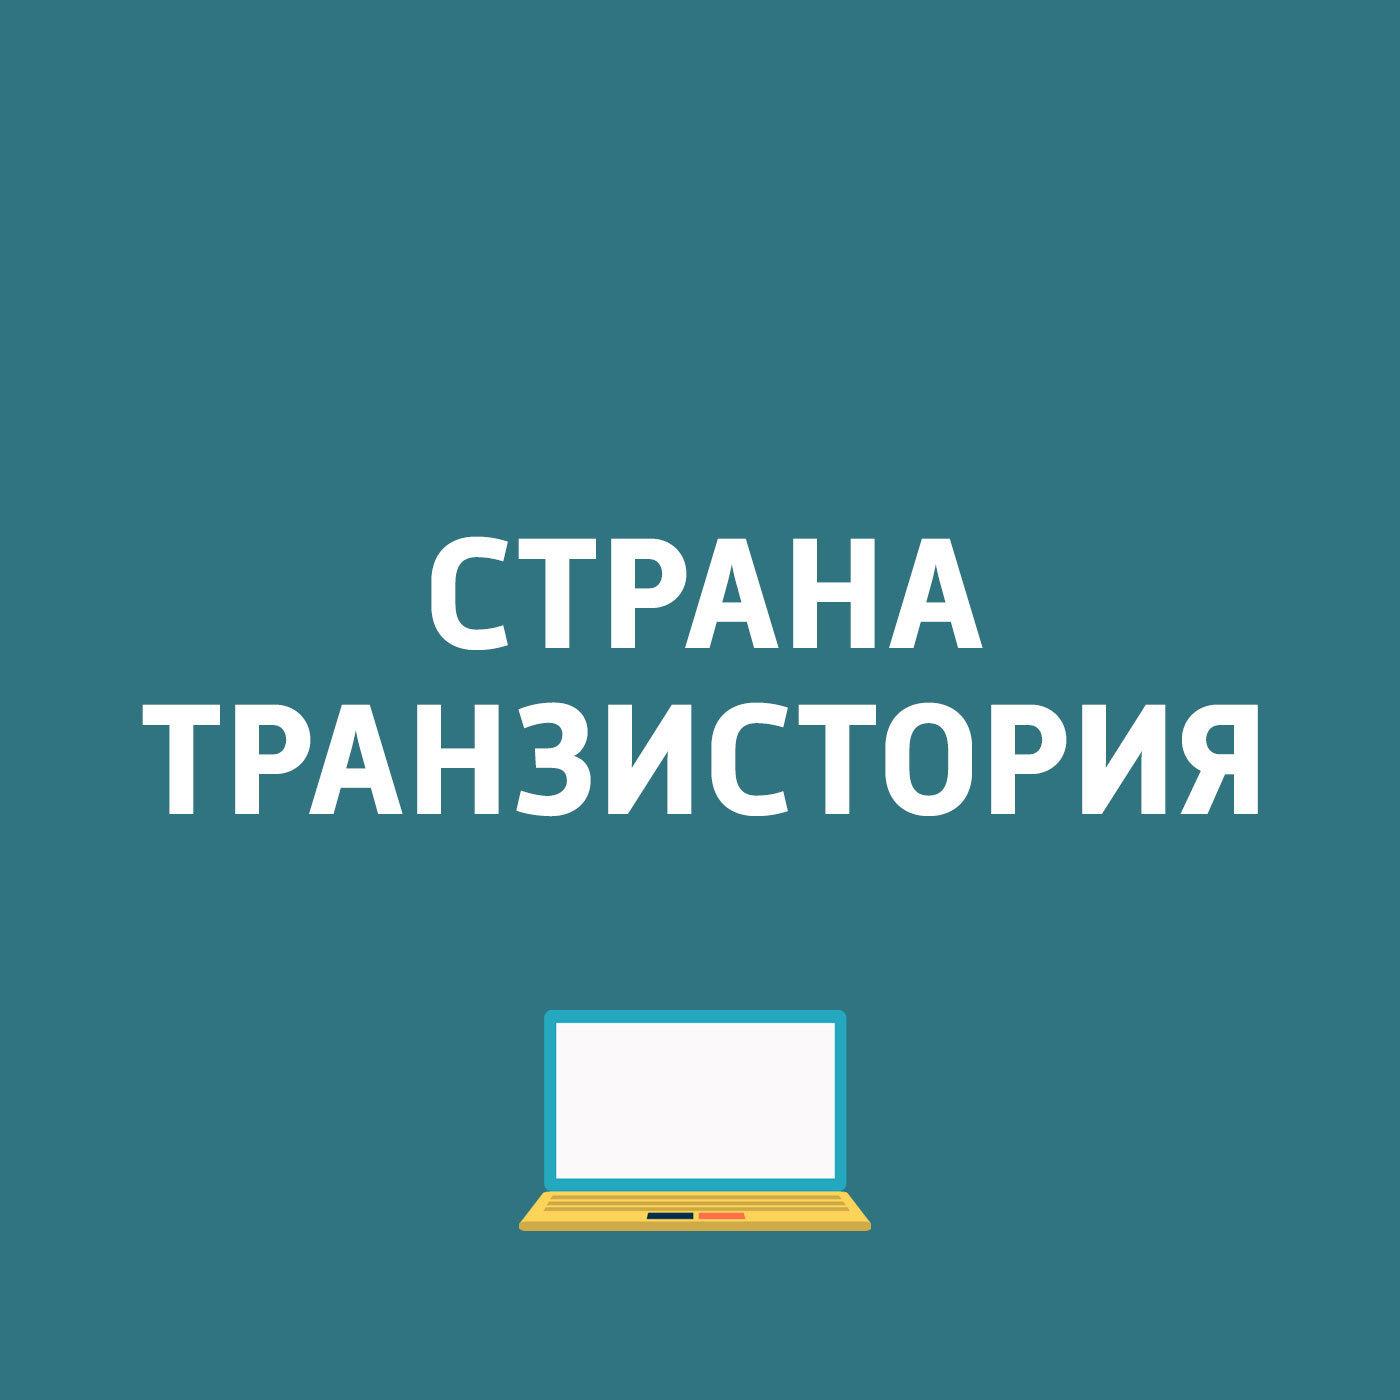 Картаев Павел Презентация Mi Mix 2S и Redmi S2; Google Lens; Результаты исследования рынка программного обеспечения в России а а салтан моделирование рынка программного обеспечения при наличии внешнего сетевого эффекта и компьютерного пиратства